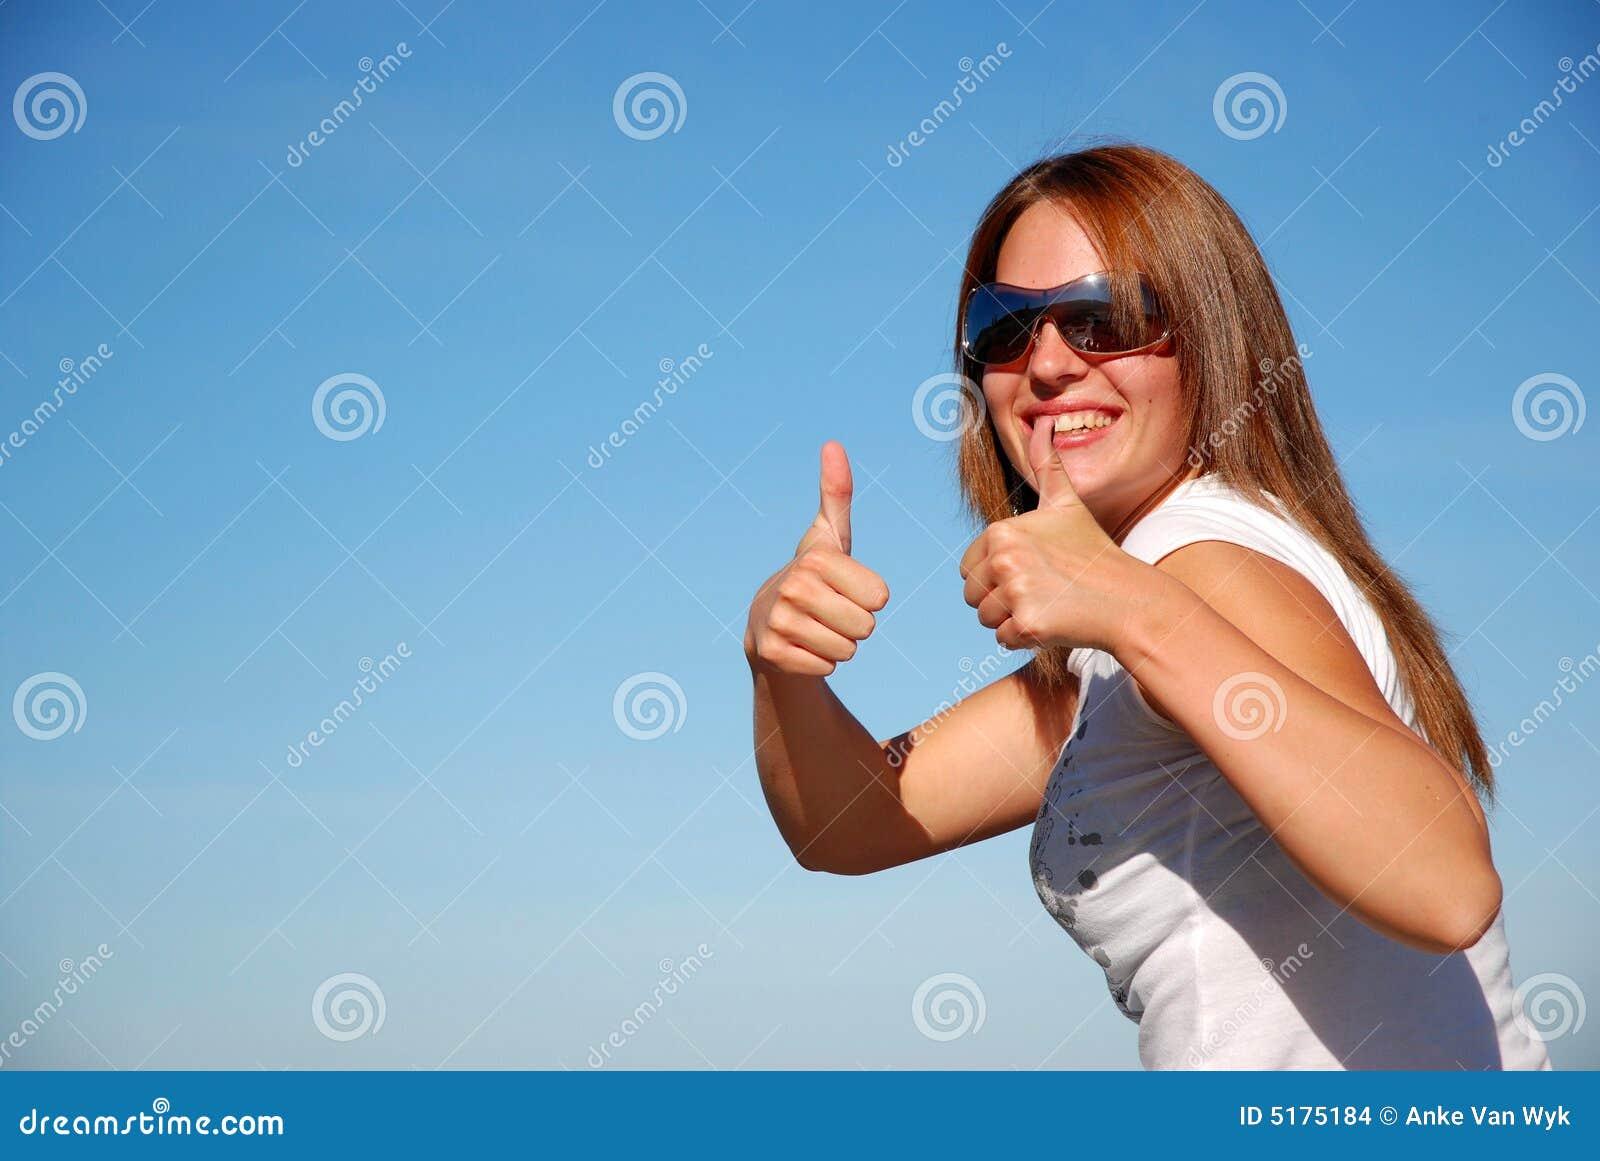 большие пальцы руки поднимают женщину